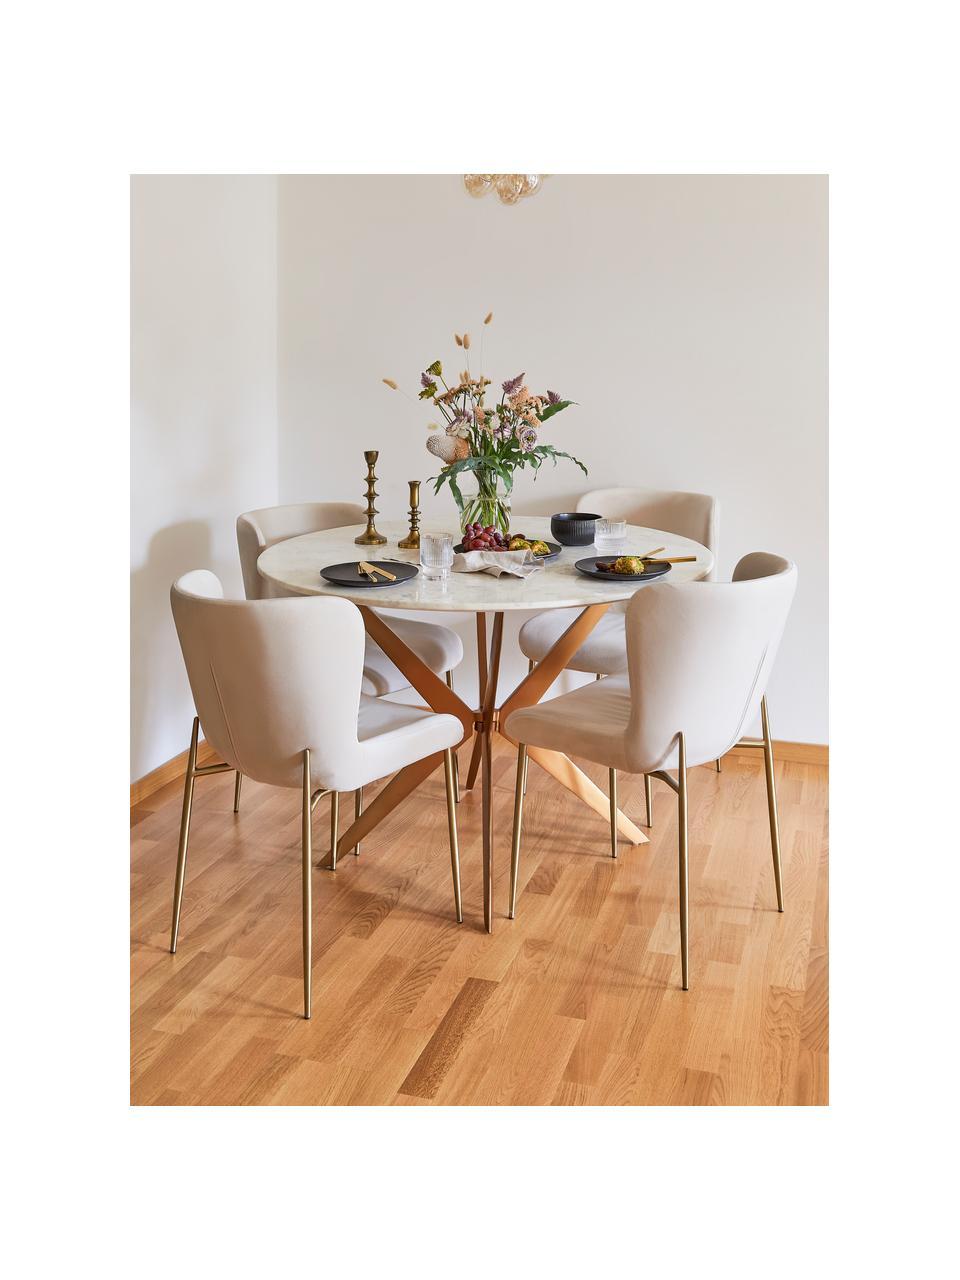 Runder Esstisch Safia mit Marmorplatte, Ø 120 cm, Tischplatte: Marmor, Beine: Metall, pulverbeschichtet, Weißer Marmor, Ø 120 x H 76 cm